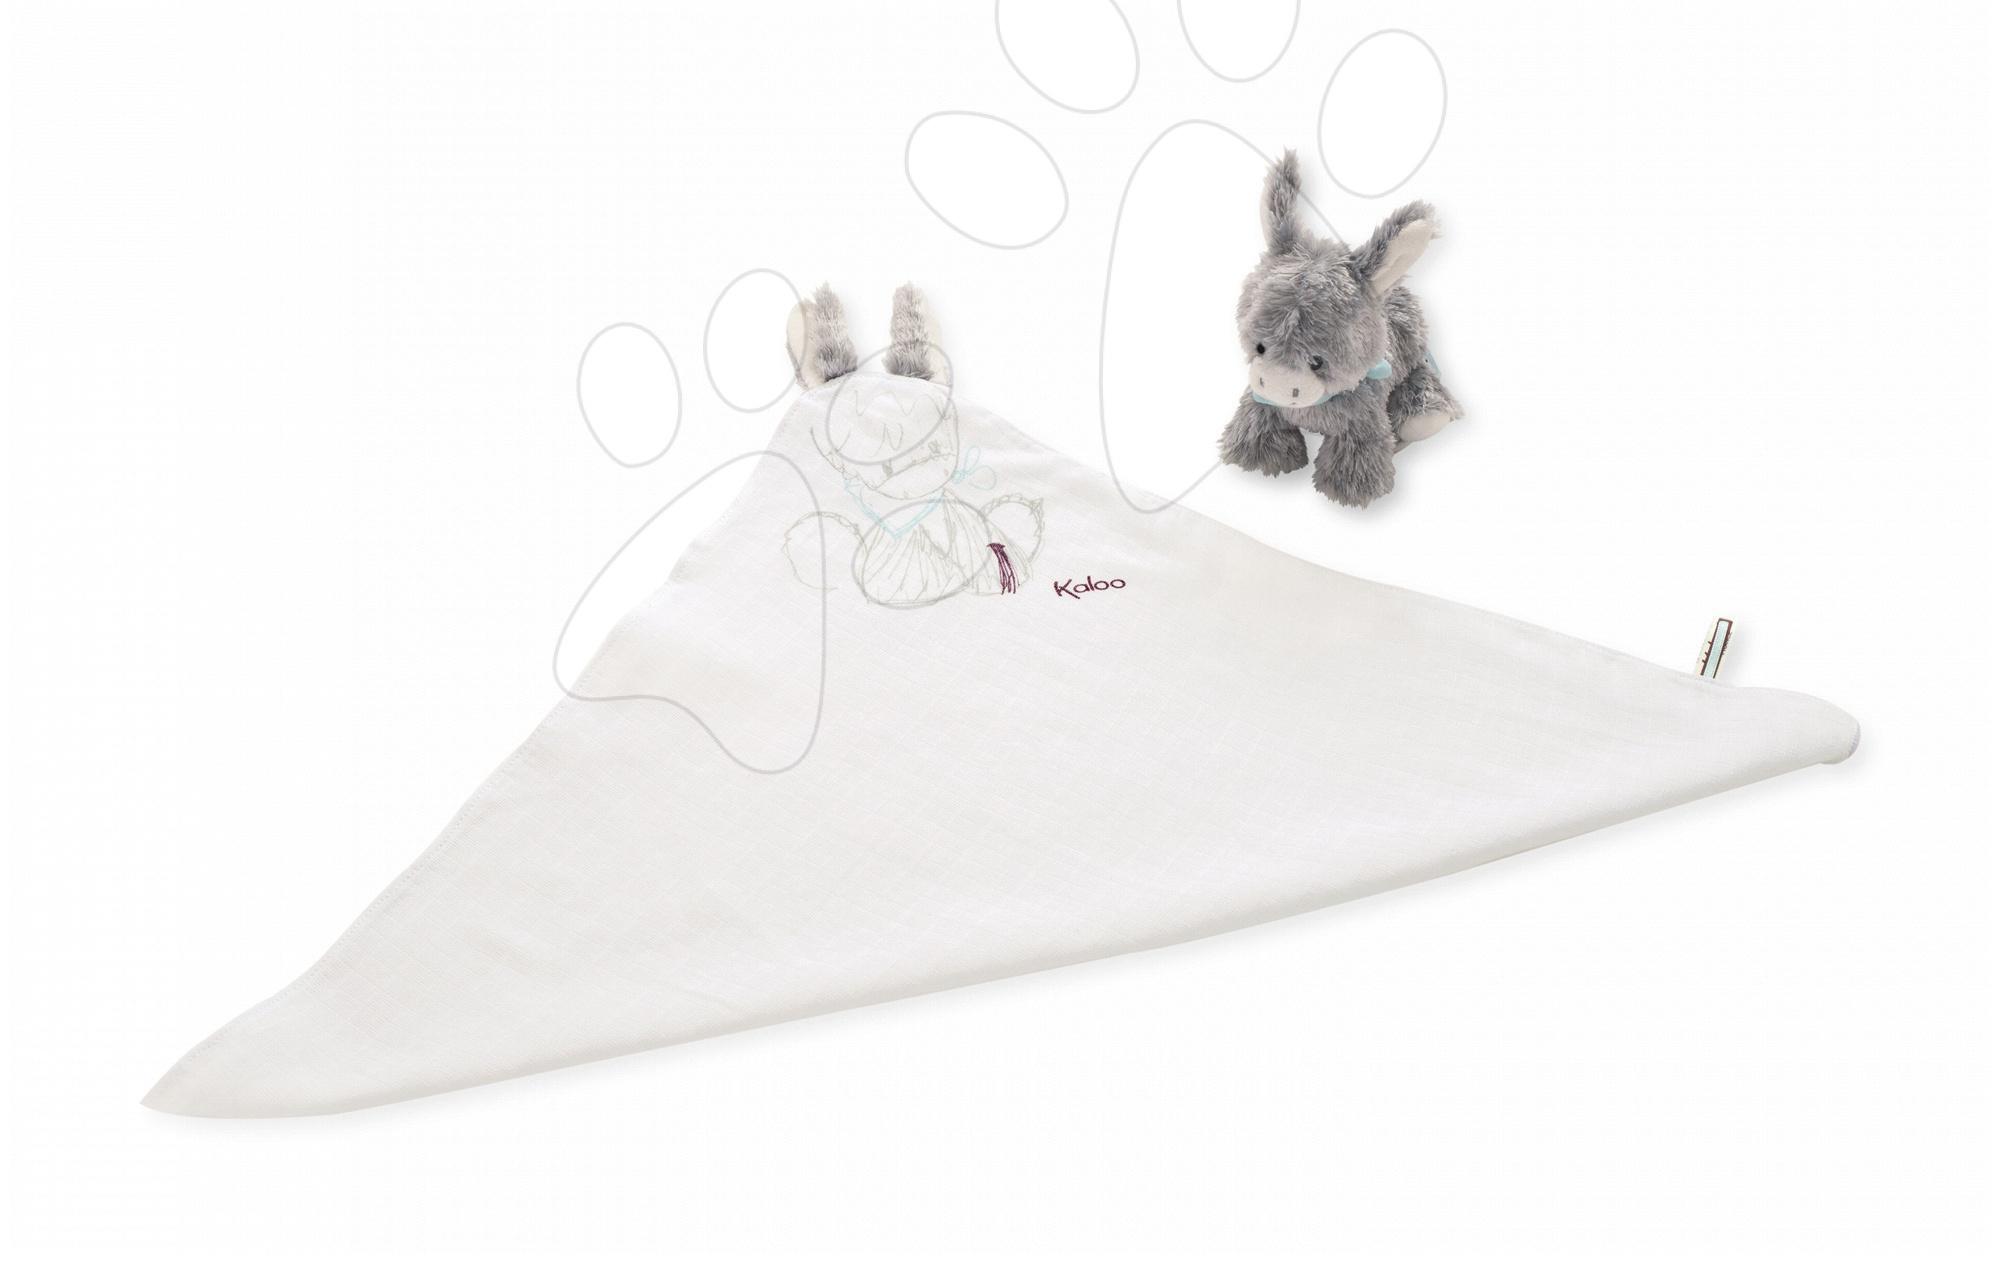 Kaloo somárik pre bábätká na maznanie Les Amis Doudou s malým plyšovým somárikom 962995 bielo-šedý